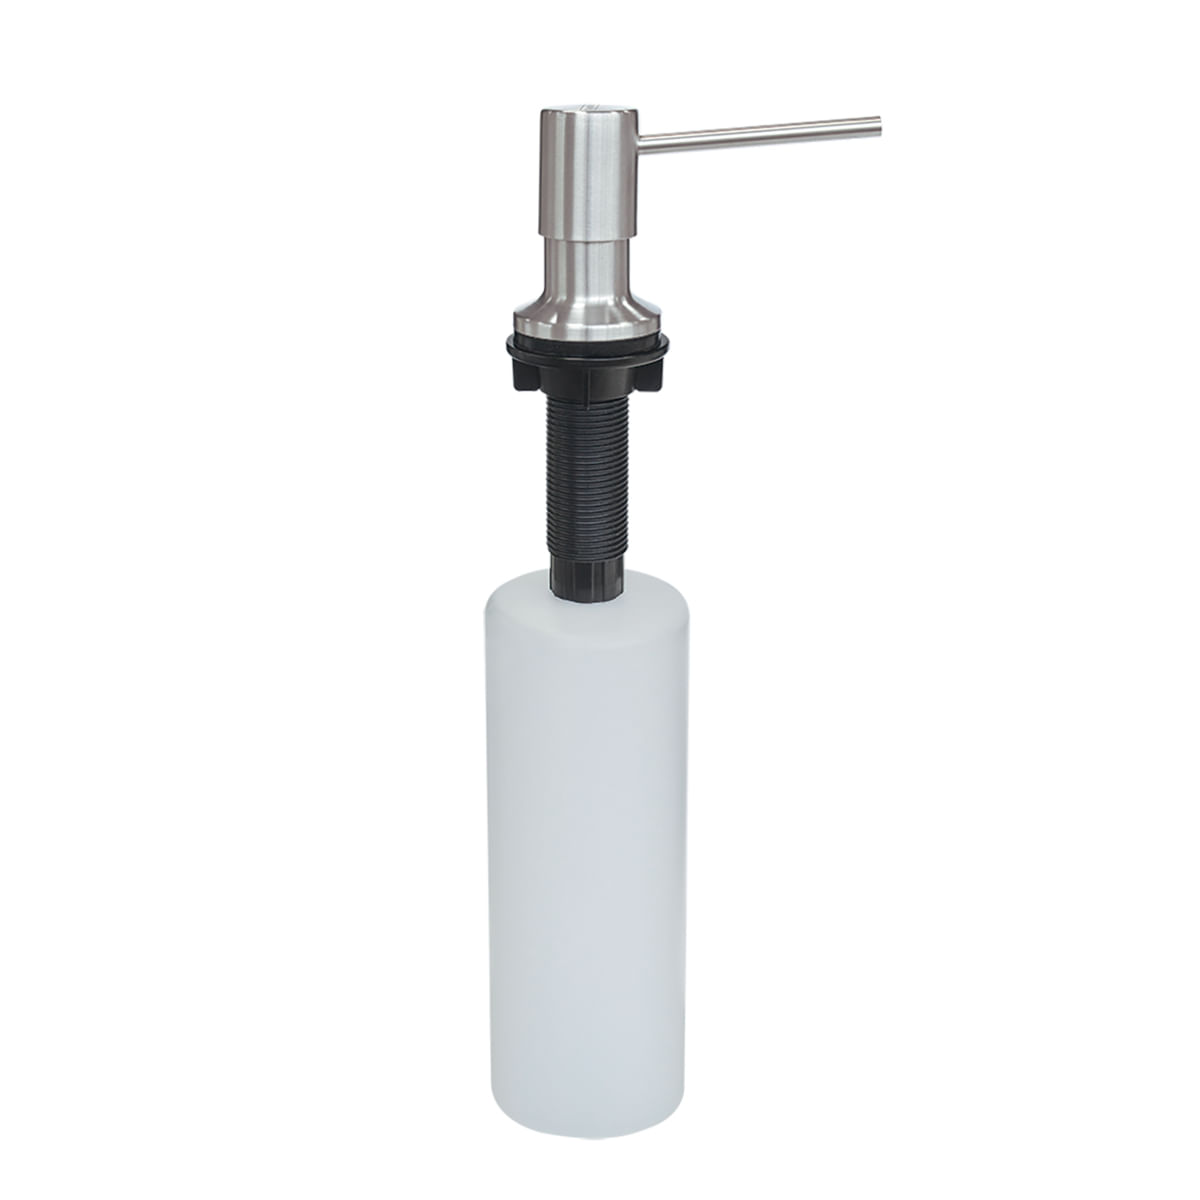 Dosador de Sabão Tramontina 500 ml em Aço Inox com Recipiente Plástico